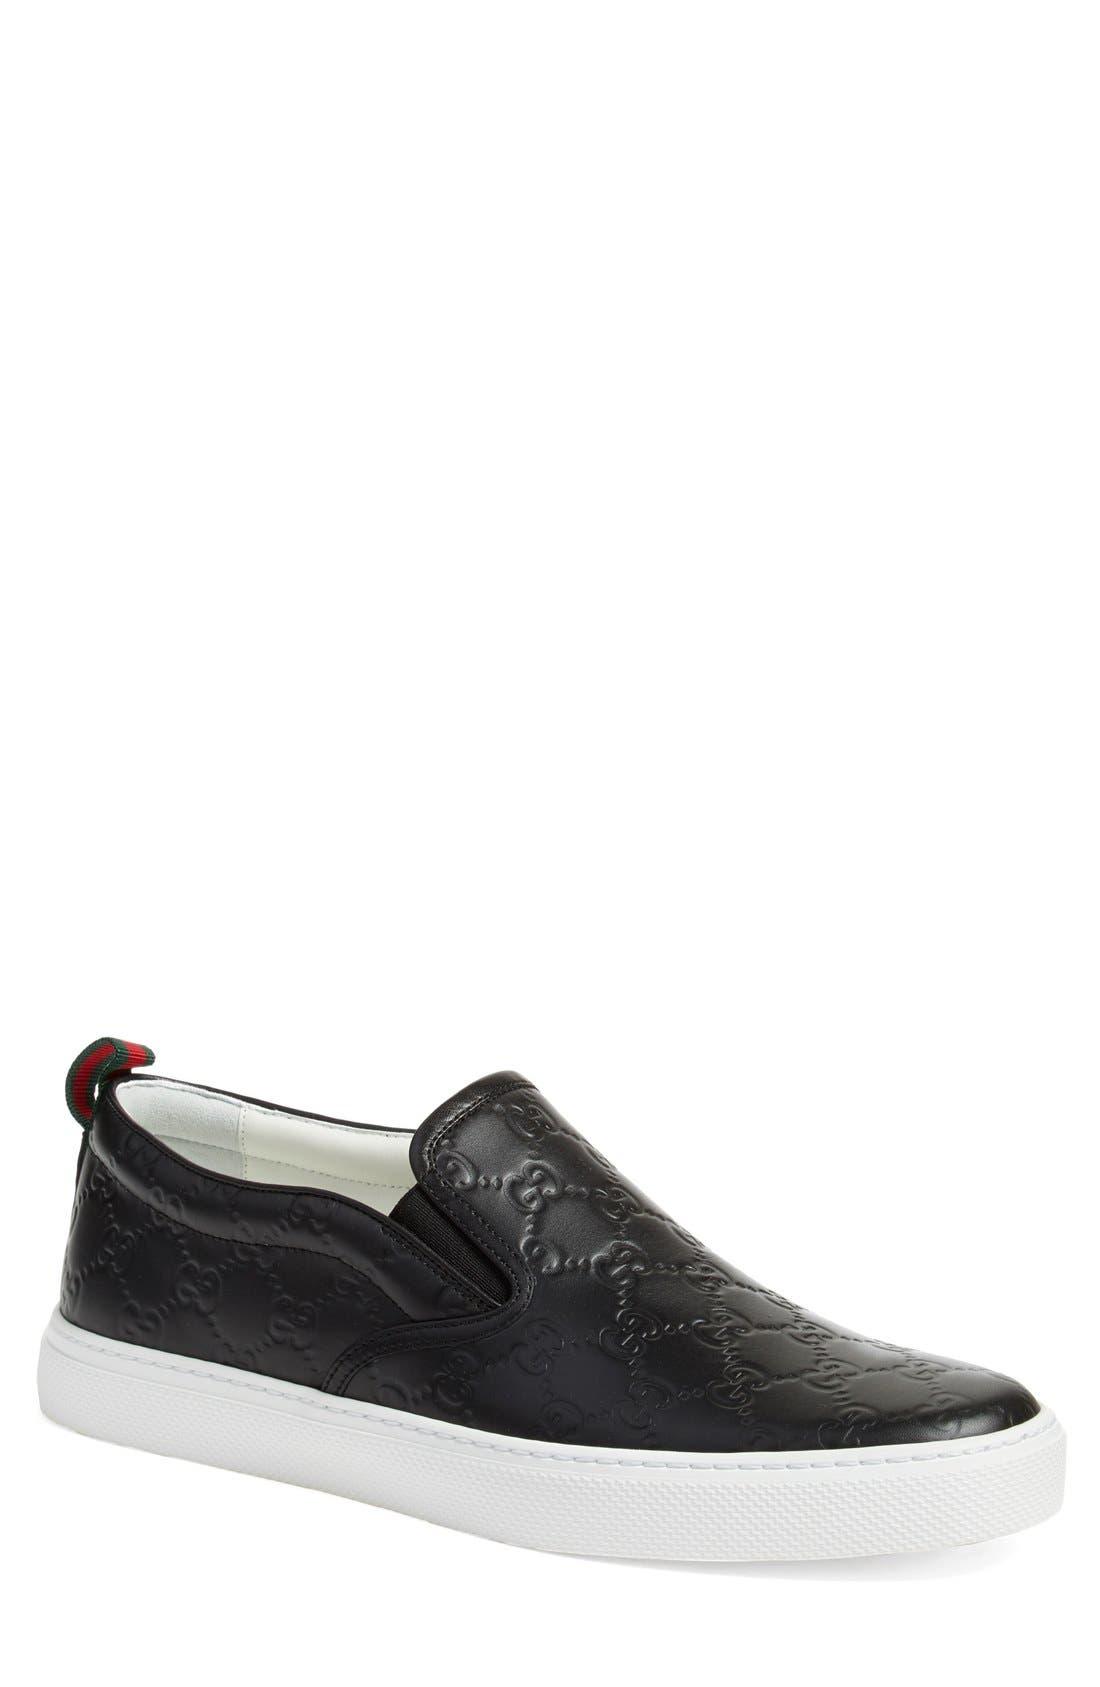 Dublin Slip-On Sneaker,                             Main thumbnail 1, color,                             Nero Embossed Leather